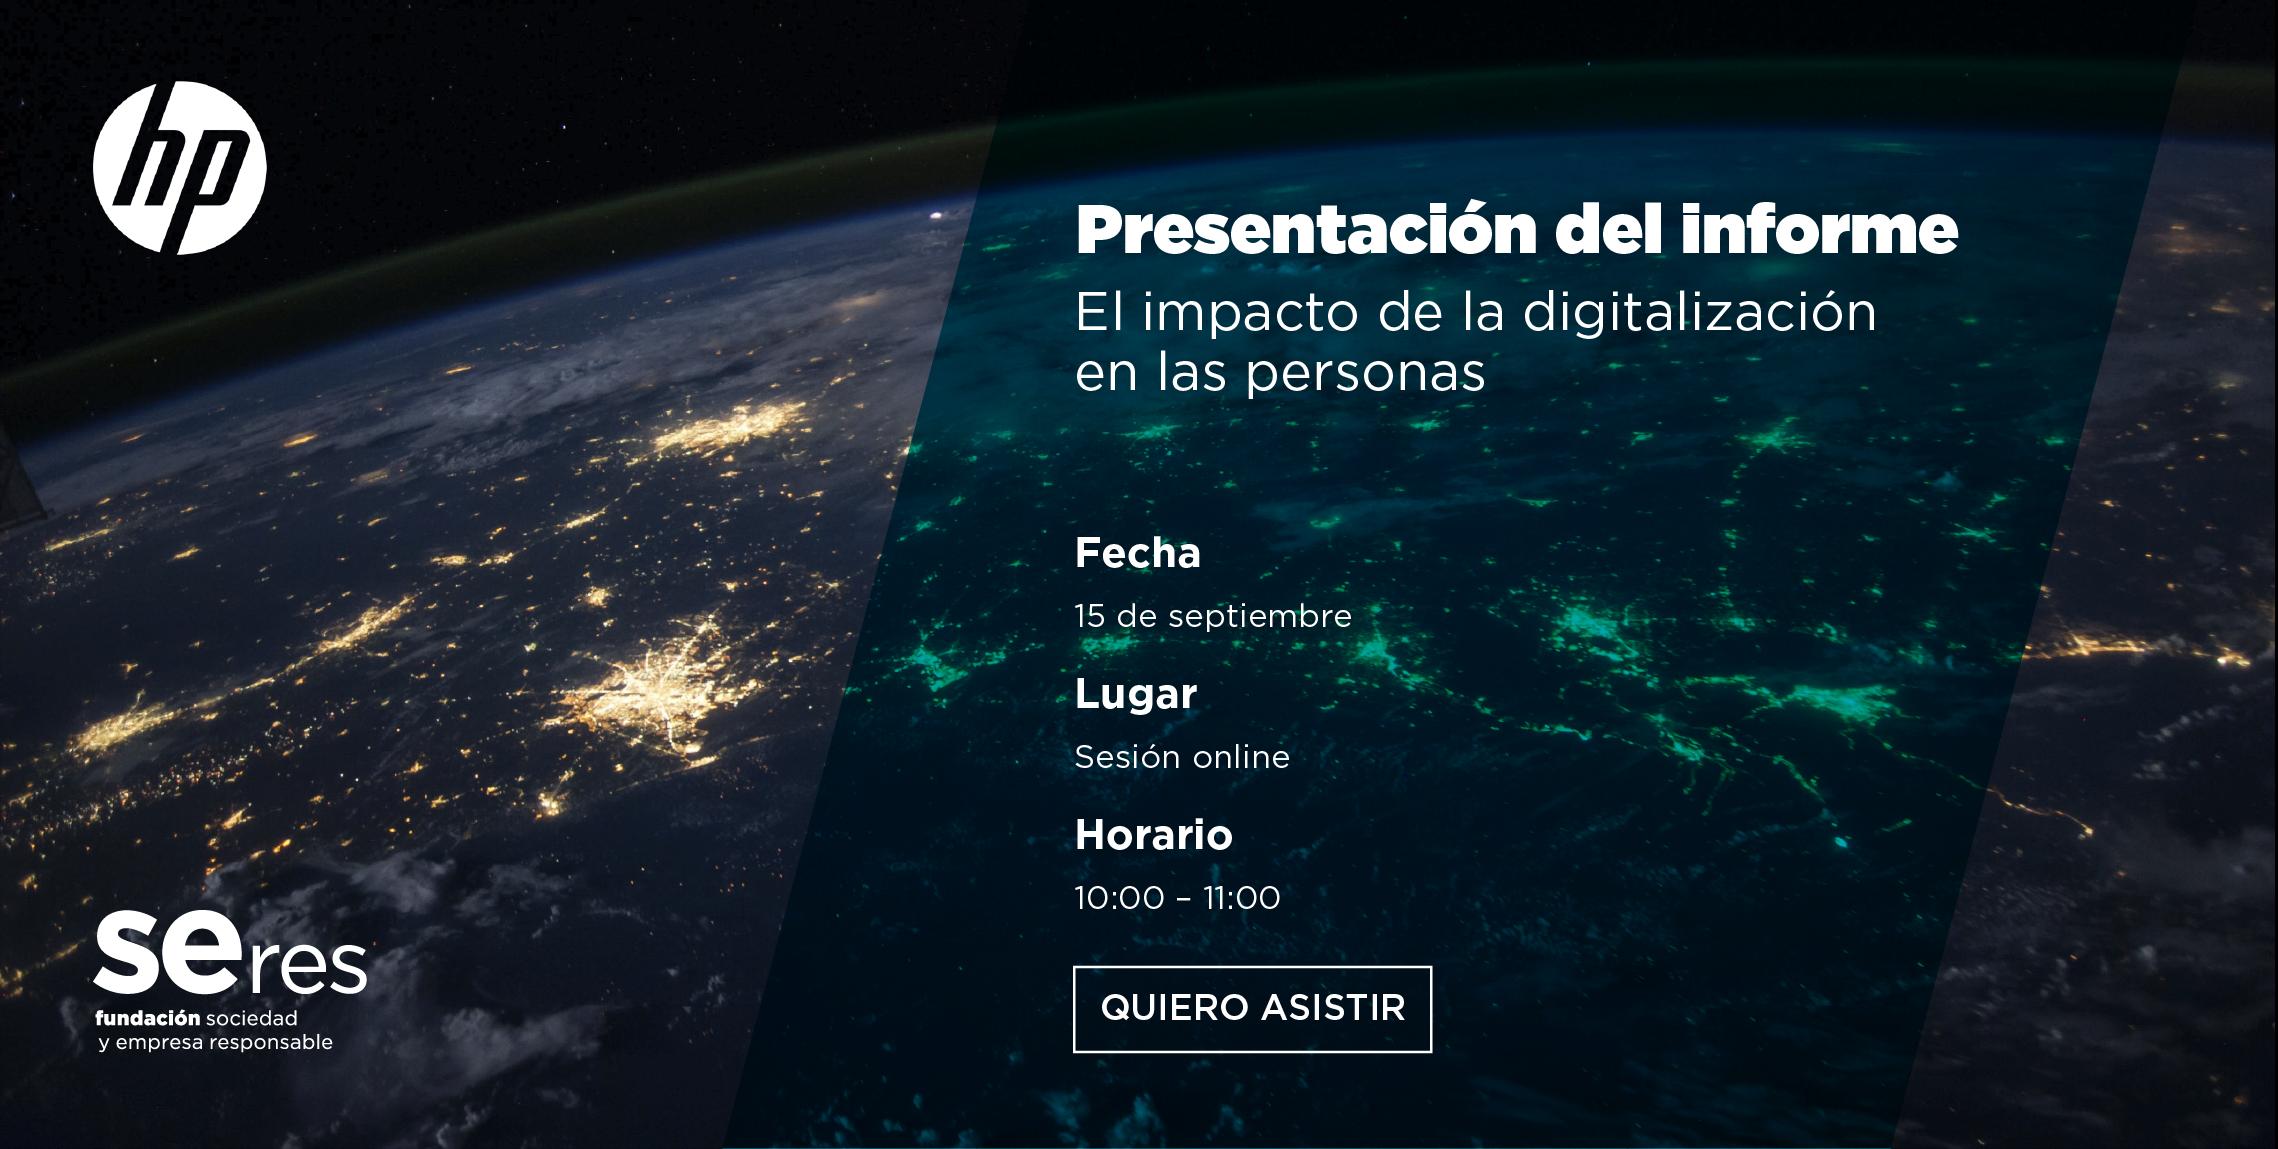 Presentación del informe: EL IMPACTO DE LA DIGITALIZACIÓN EN LAS PERSONAS